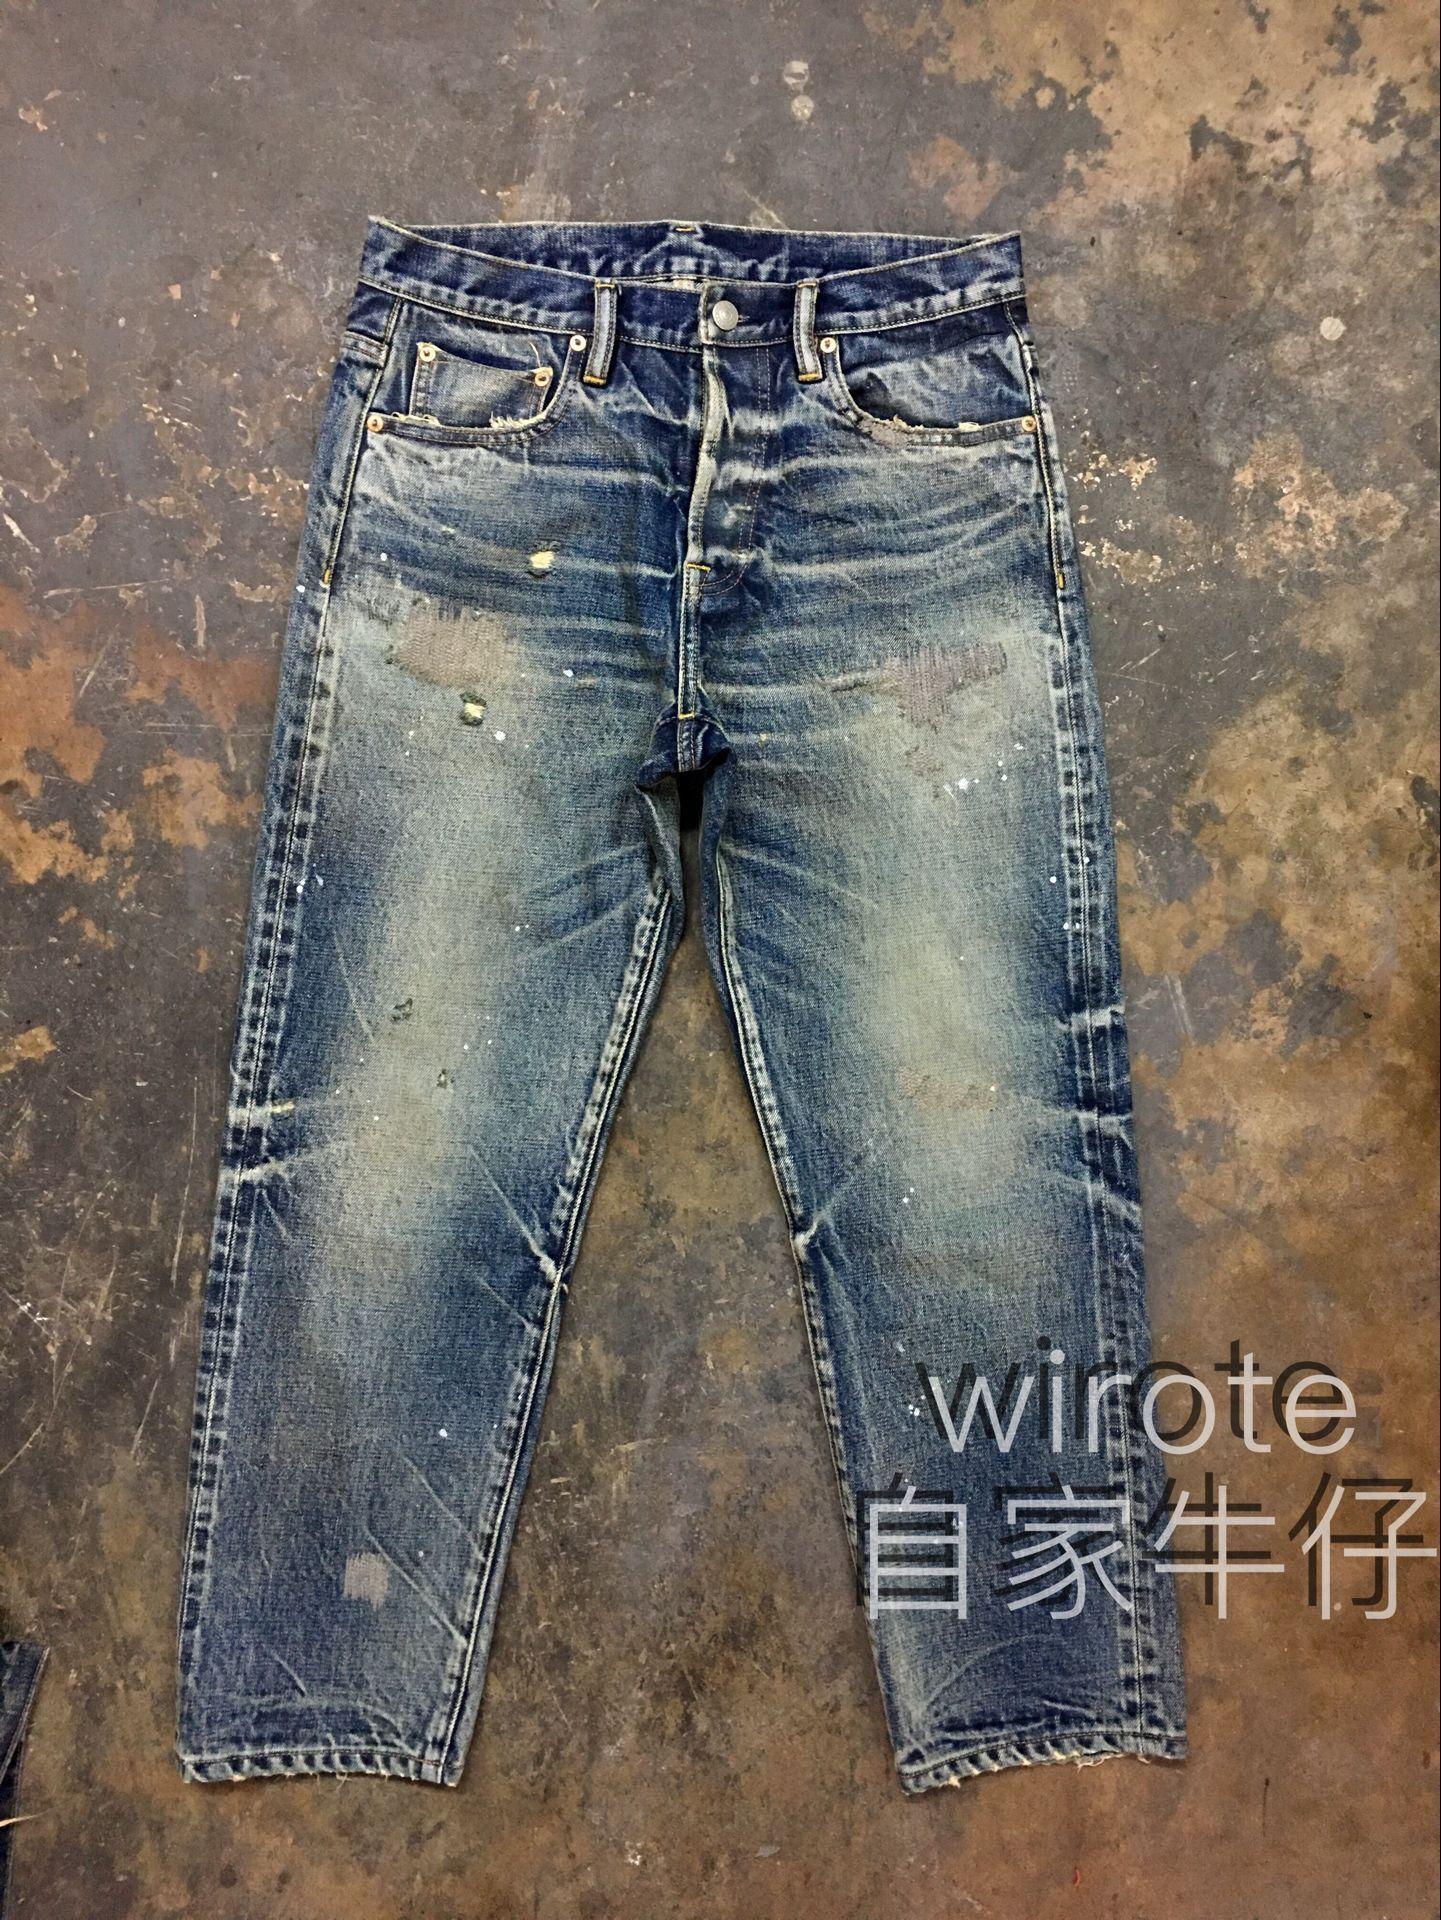 WIROTE/威洛 自家牛仔九分赤耳牛仔褲 MADNESS 四周年  18ss